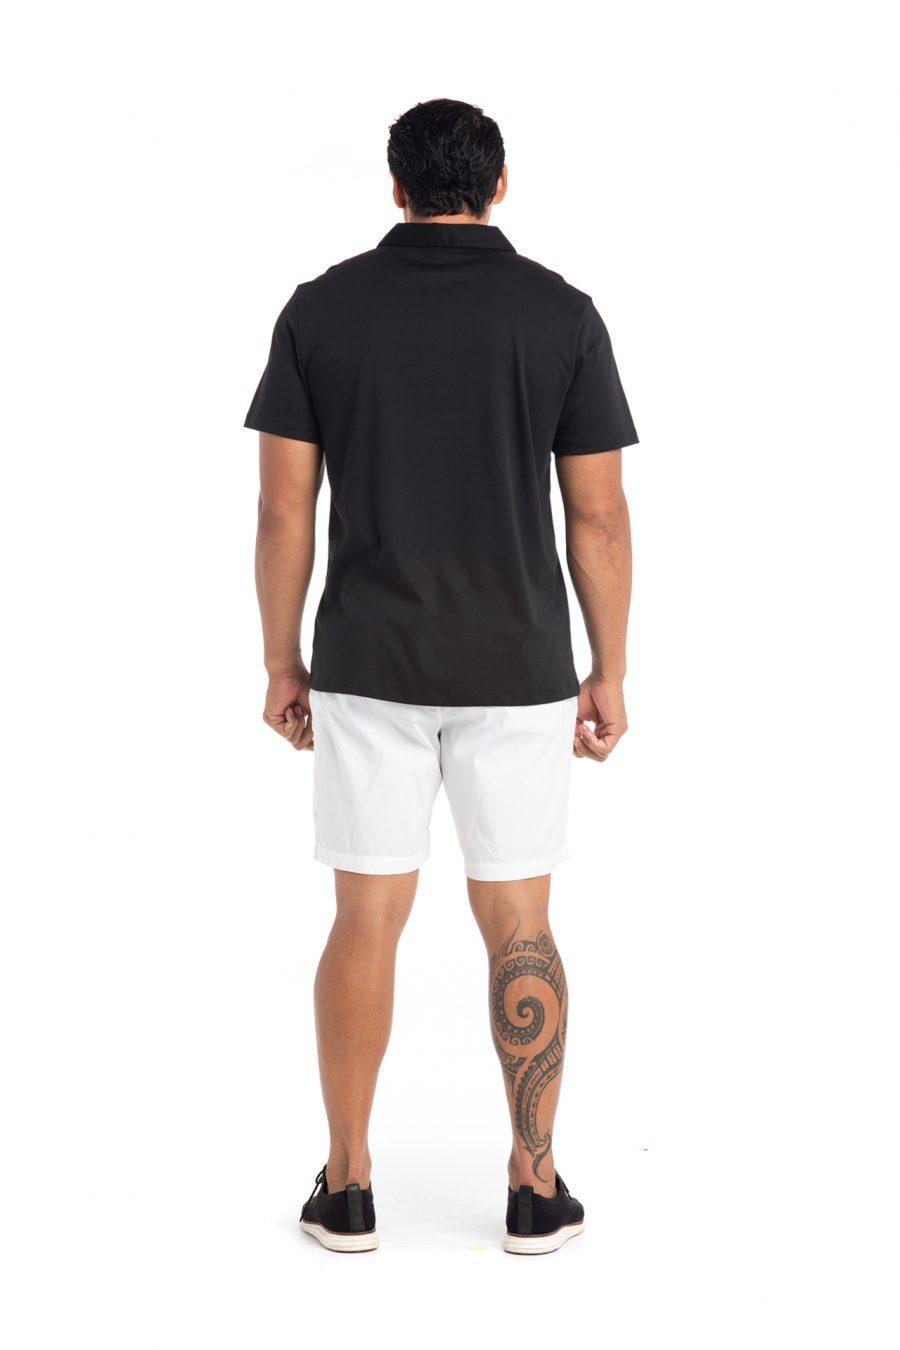 Male model wearing Waikii Polo in Black - Back View